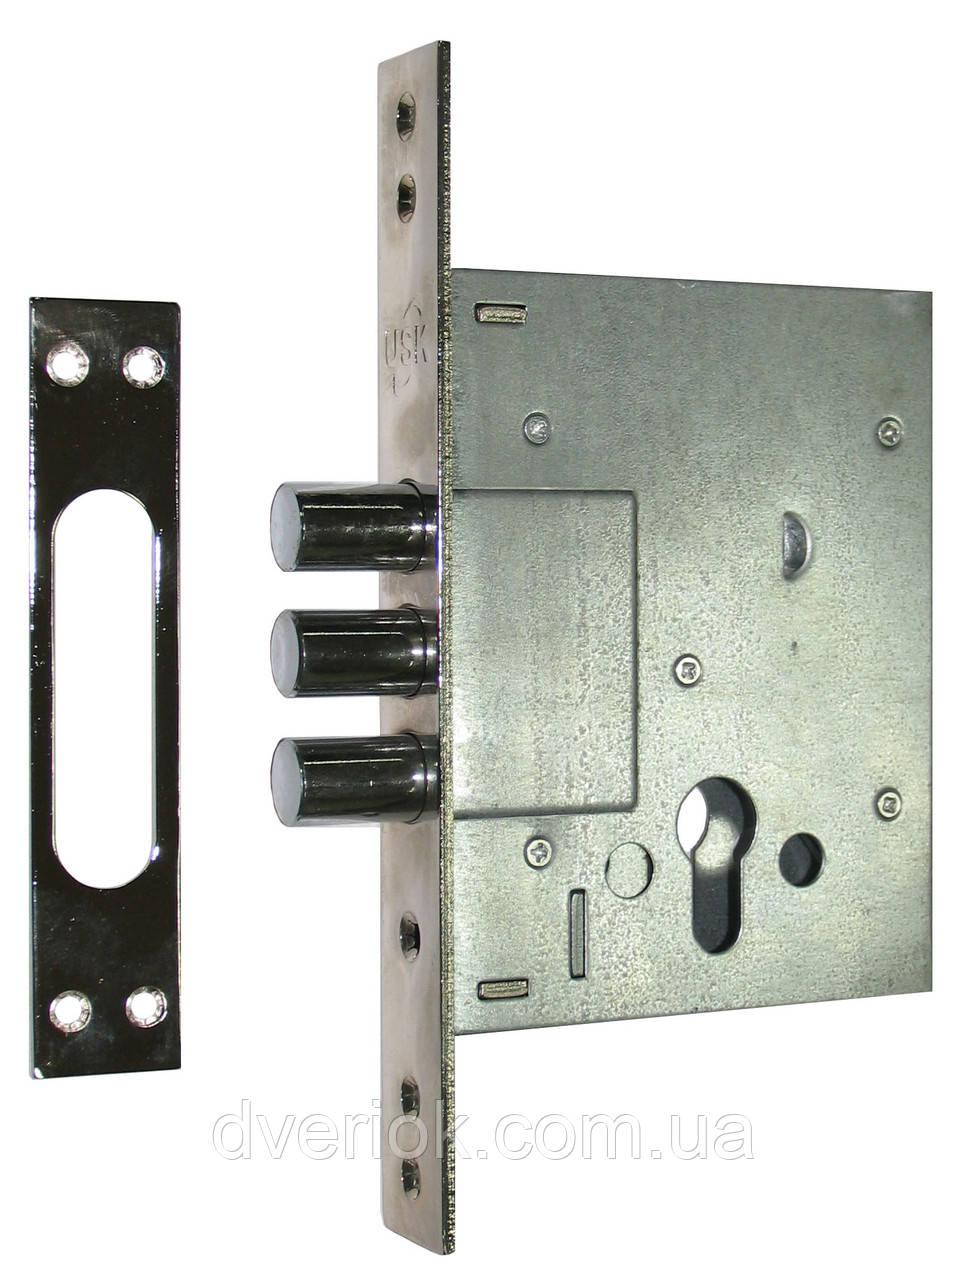 Замок для металлических дверей USK 257R Никель